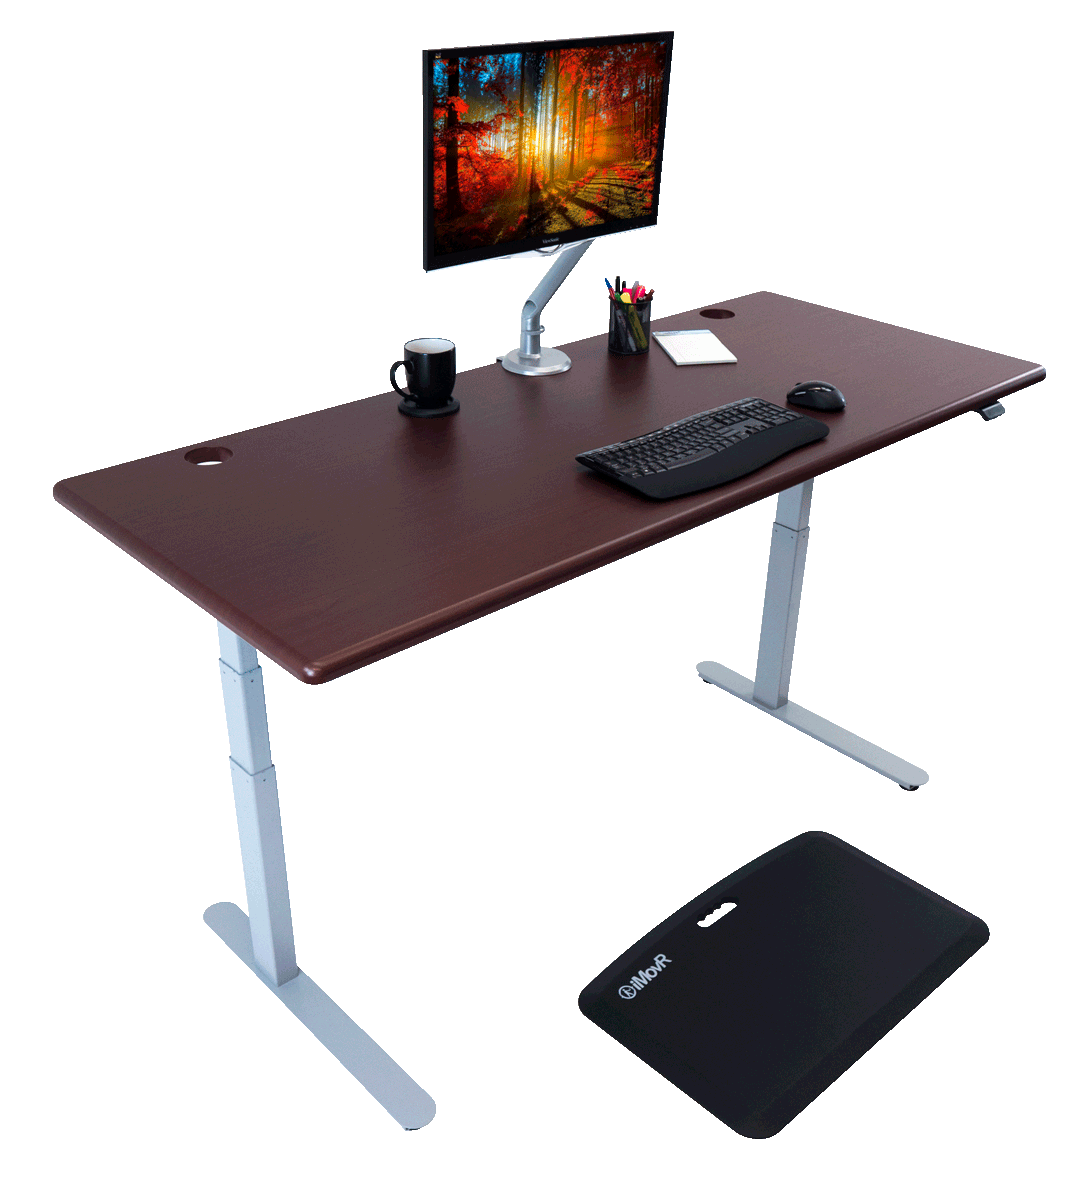 Lander Standing Desks